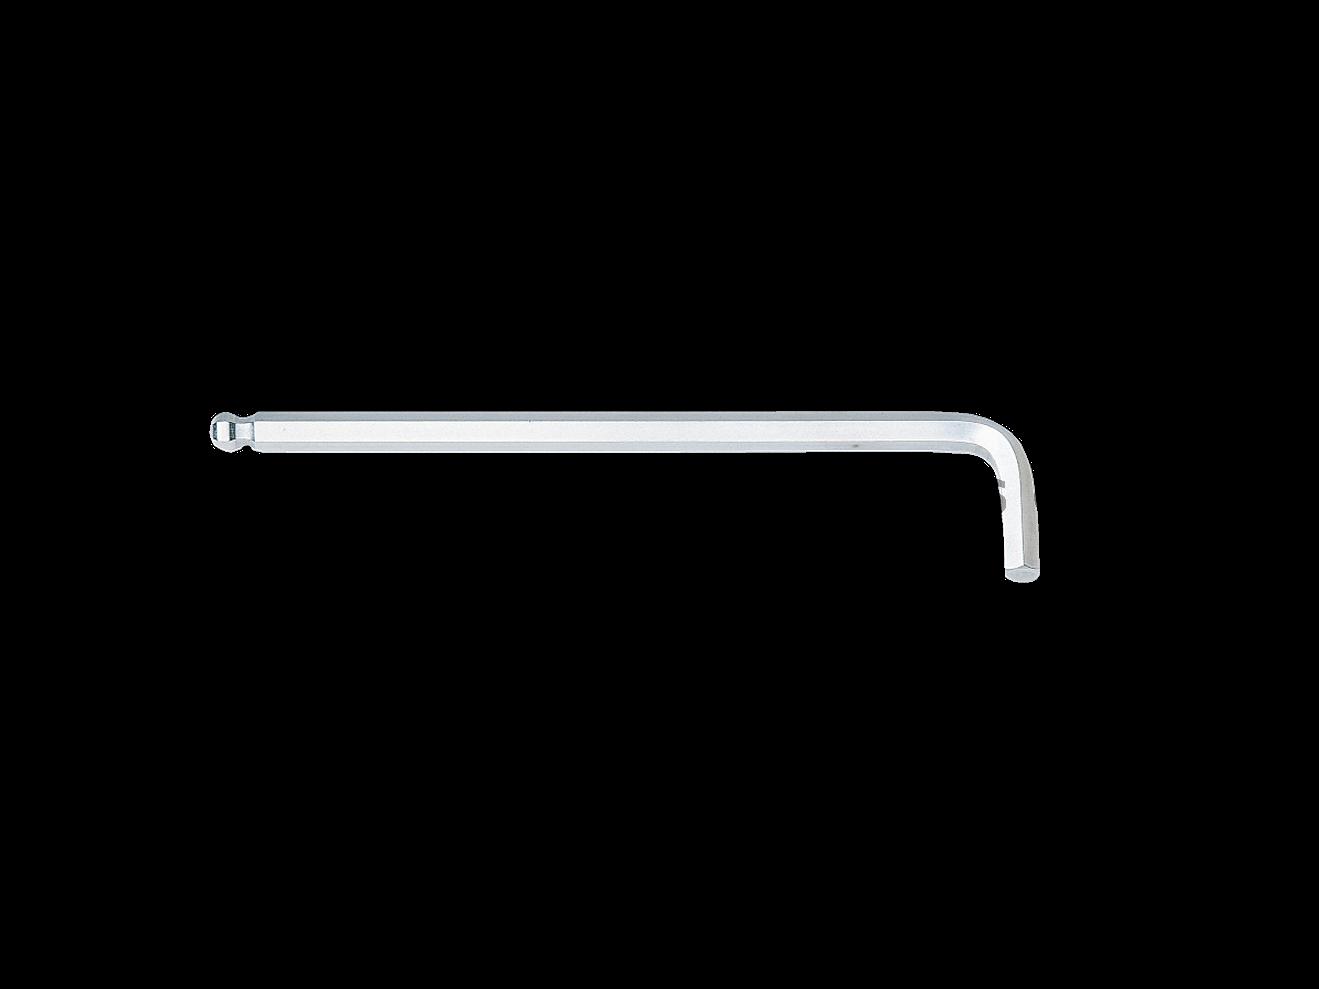 ประแจ  ยาว ชุบขาว ปลายบอลล์ 185 มม 6 HLD250-6